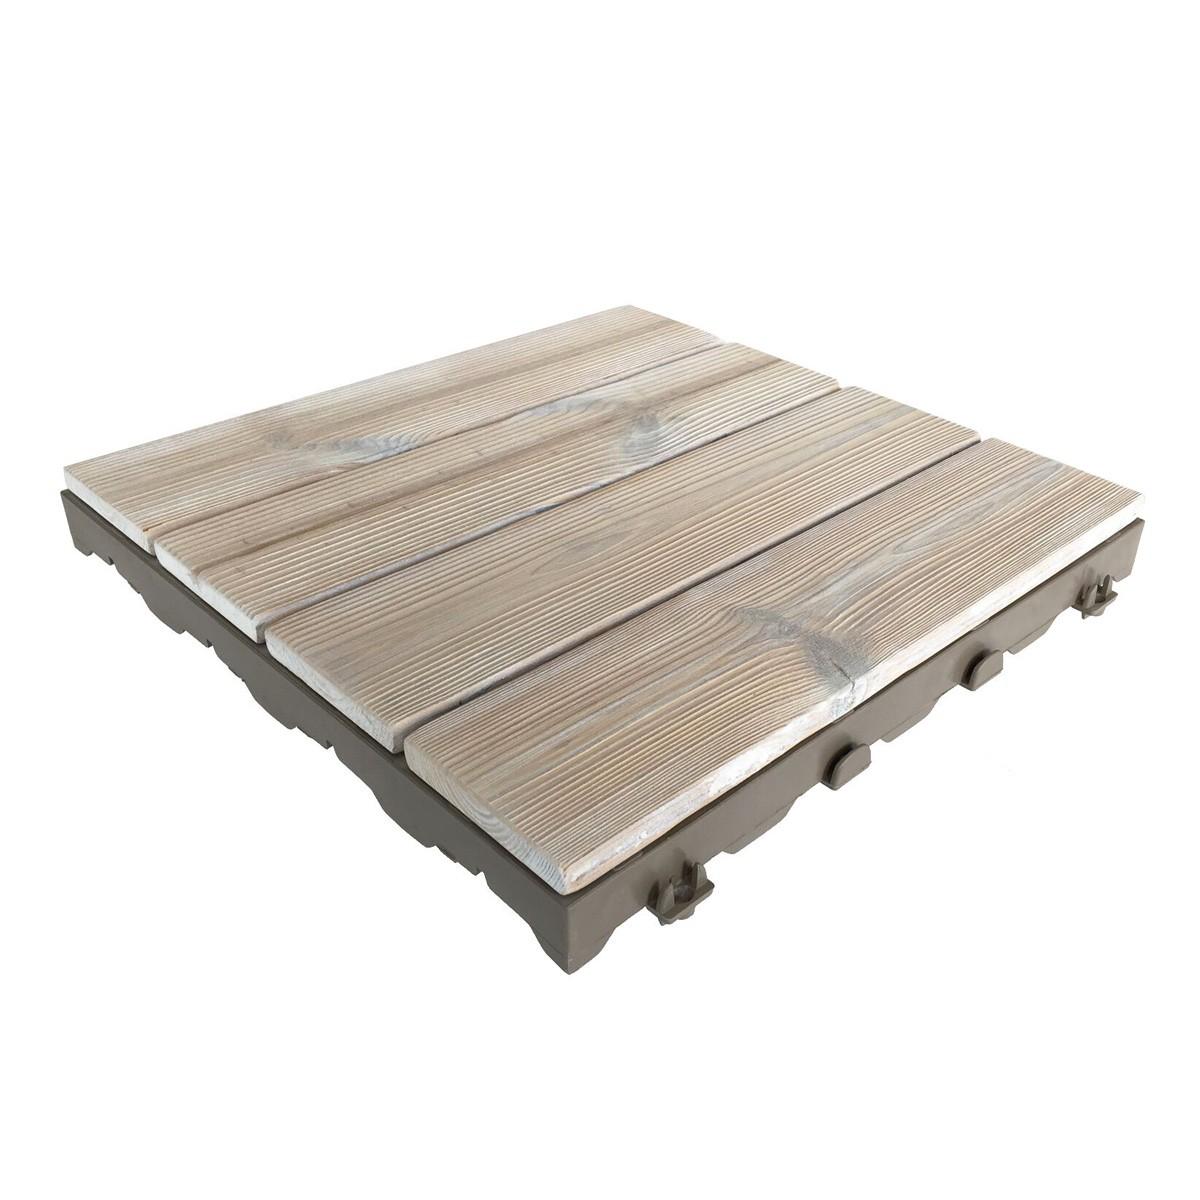 Pavimenti In Legno Per Terrazzi woodplate thermowood bianco | piastrella in legno